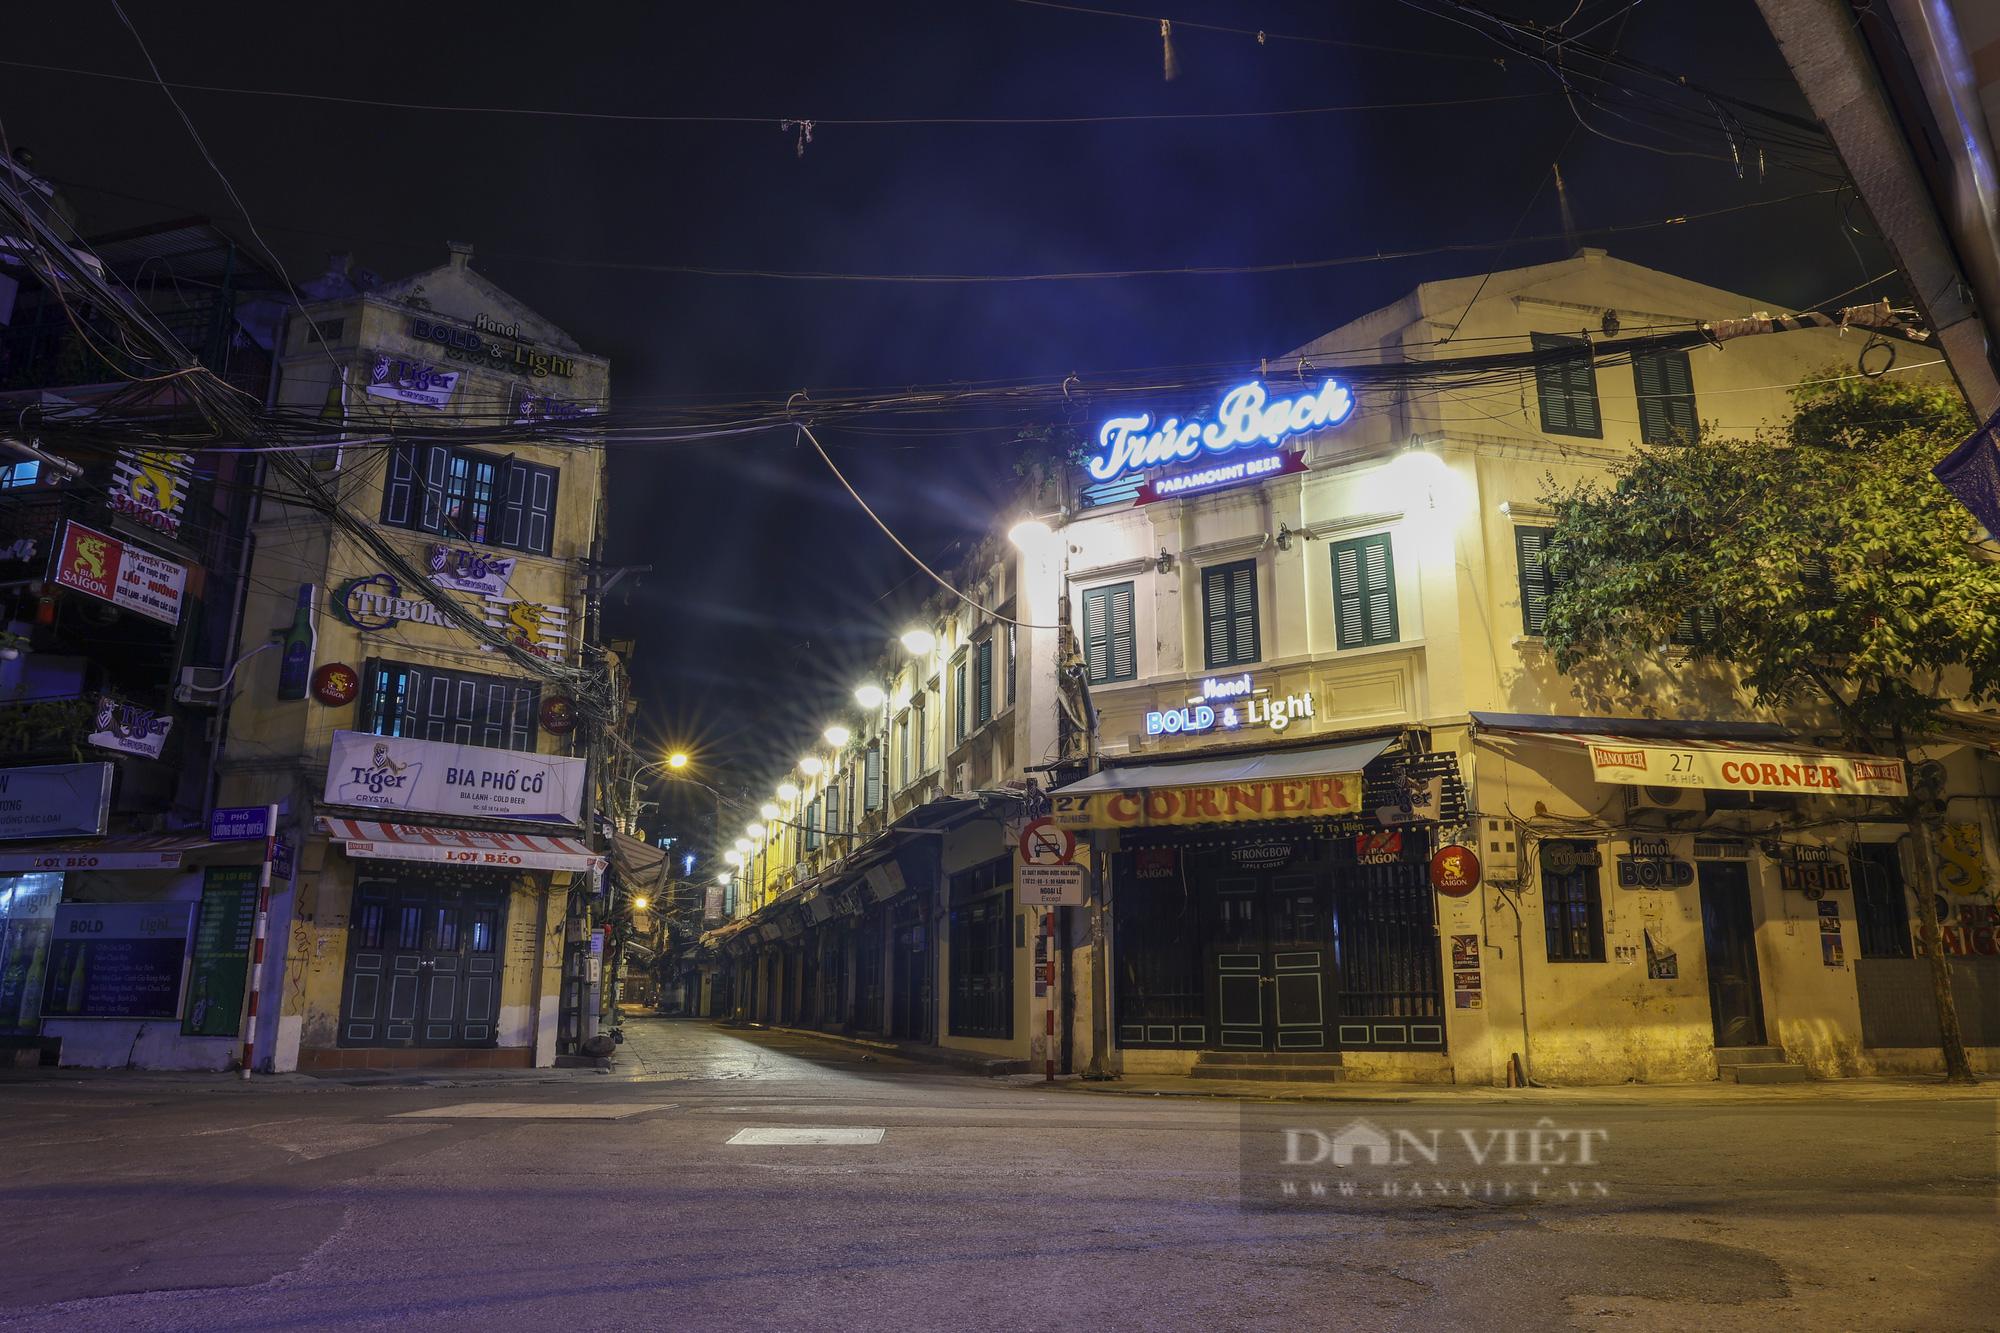 Giãn cách xã hội: Hà Nội vắng lặng, yên bình lúc về đêm - Ảnh 6.